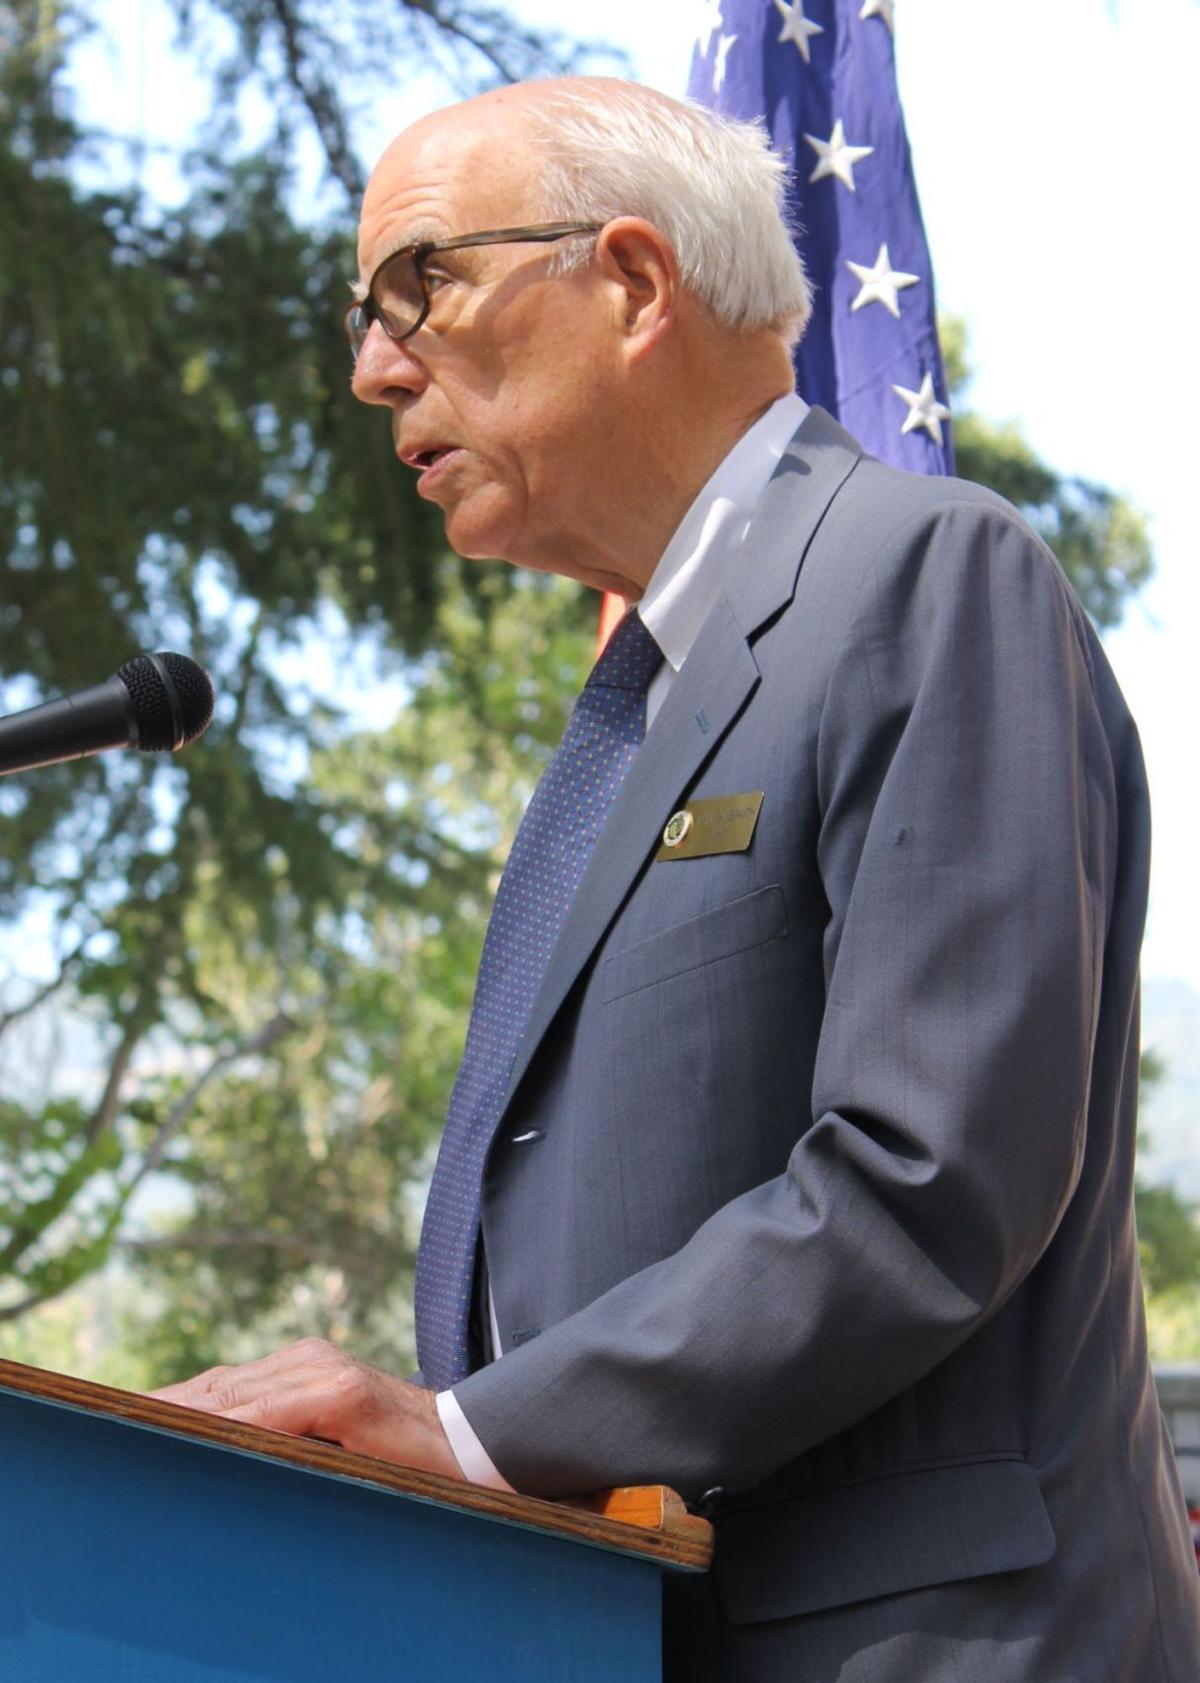 Mayor Alan Galbraith